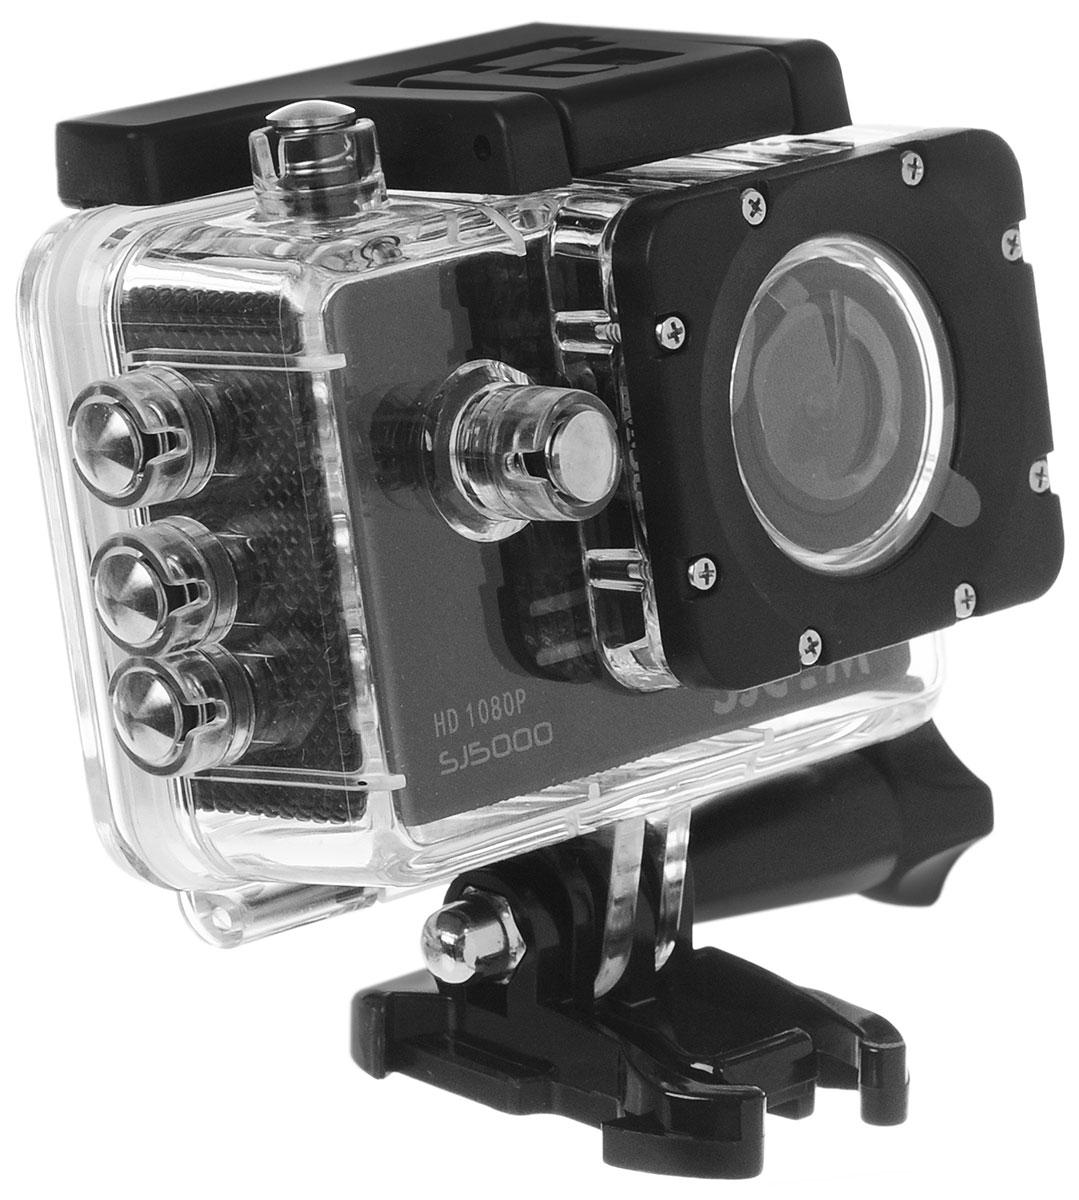 SJCAM SJ5000, Black экшн-камера00000049282SJCAM SJ5000 является продолжением новой линейки экшен камер, которую компания SJCAM представила в декабре 2014 года. Это многофункциональная экшн-камера обладает высоким качеством не только фото и видео съёмки, но и самого материала. Прочная водонепроницаемая конструкция делает её просто незаменимой в экстремальном отдыхе и спорте.Благодаря режиму цейтаоферной съёмки камера может сжимать многочасовые события (например, расцветающую розу) до нескольких секунд. Теперь восход солнца после съёмки произойдёт прямо на глазах ваших друзей! SJCAM SJ5000 может быть использована в качестве видеорегистратора благодаря возможности циклической записи. Для этого разместите её на стекле автомобиля с помощью специального крепления и нажмите на кнопку записи.Данную модель можно использовать и в качестве Full HD веб-камеры. Всё, что необходимо сделать - это подключить SJCAM к компьютеру через кабель USB и запустить Skype.SJCAM SJ5000 получила новый сенсор MN34110PA от Panasonic и чип Novatek 96655 что позволяет получить сочную и качественную картинку в качестве 1080p. Просмотр отснятого материала теперь стал намного удобнее, благодаря большому дисплею с диагональю 2 дюйма и разрешением 960x240 точек.В комплект входит множество аксессуаров и креплений, которые помогут вам произвести видеосъемку в любых экстремальных условиях. Для записи видео под водой на глубине до 30 метров имеется специальный водонепроницаемый бокс.